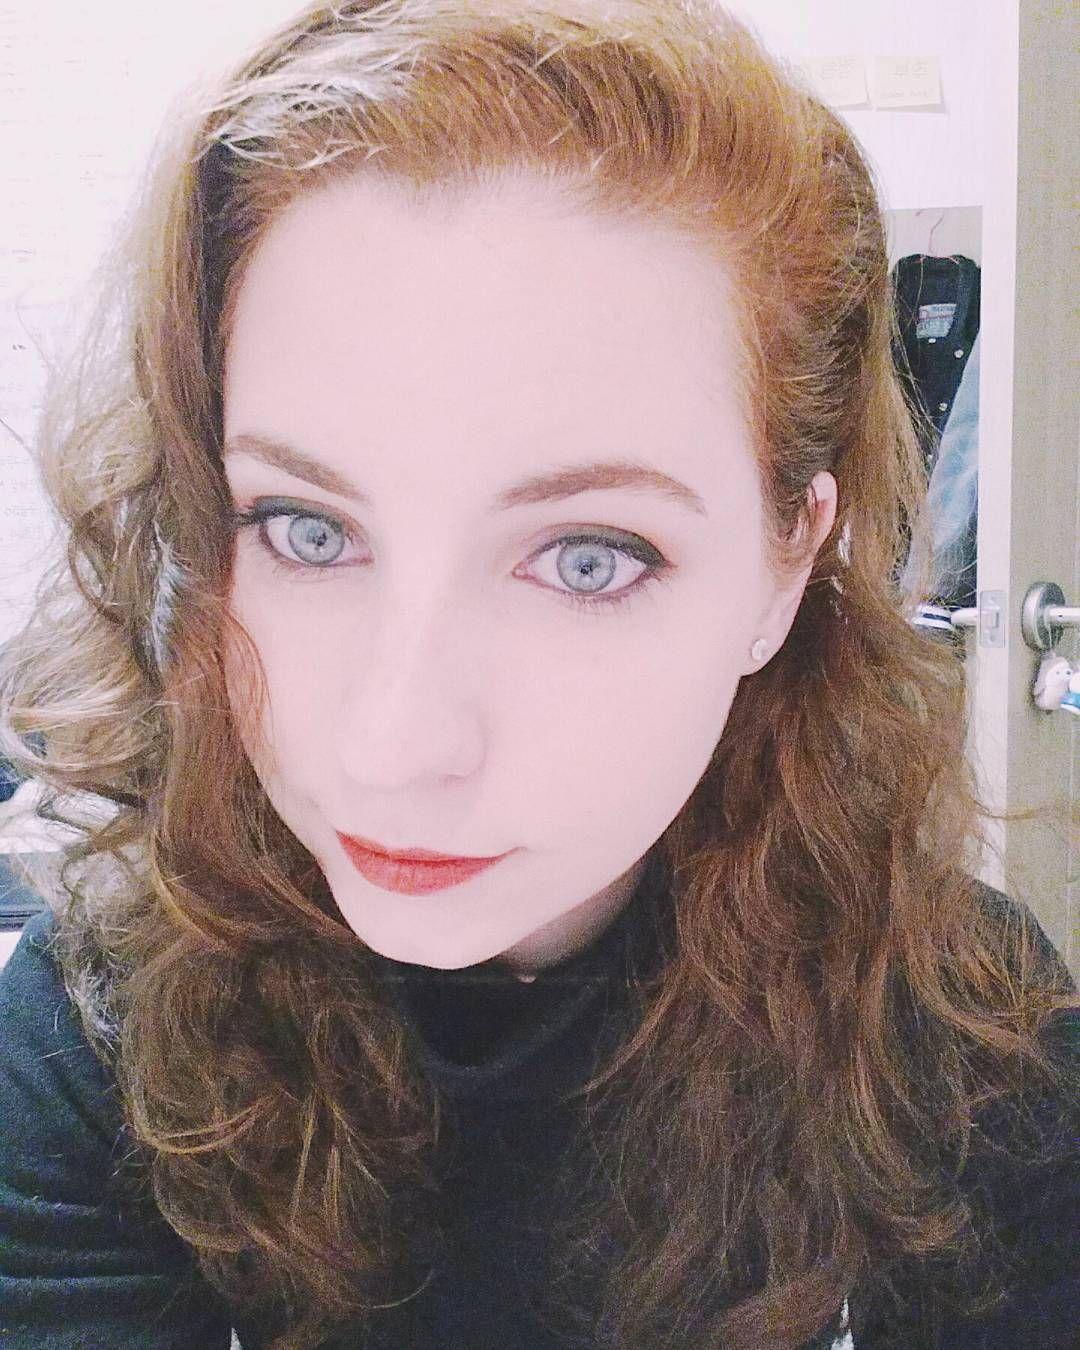 주황색   #에뛰드하우스 #머리 #스윗오렌지 #예쁜 #귀여워 #여자 #눈 #회색눈 #셀카 #셀피 #hair #tint #dye #orange #cute #beautiful #color #etudehouse #sweetorange #girl #eyes #grayeyes #makeup #selfie by mila_marta